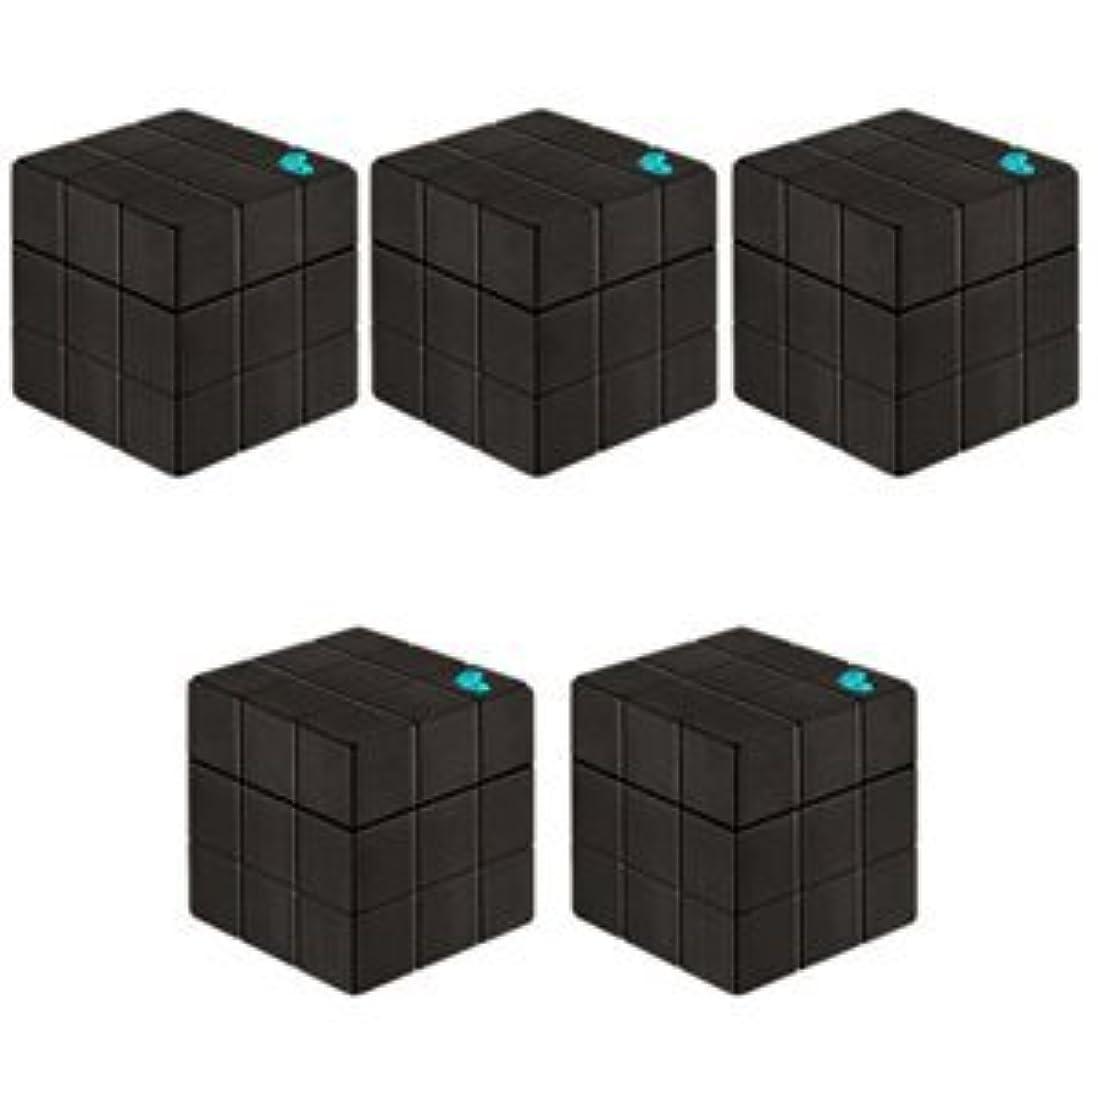 キノコフォーラム前売【X5個セット】 アリミノ ピース プロデザインシリーズ フリーズキープワックス ブラック 80g ARIMINO